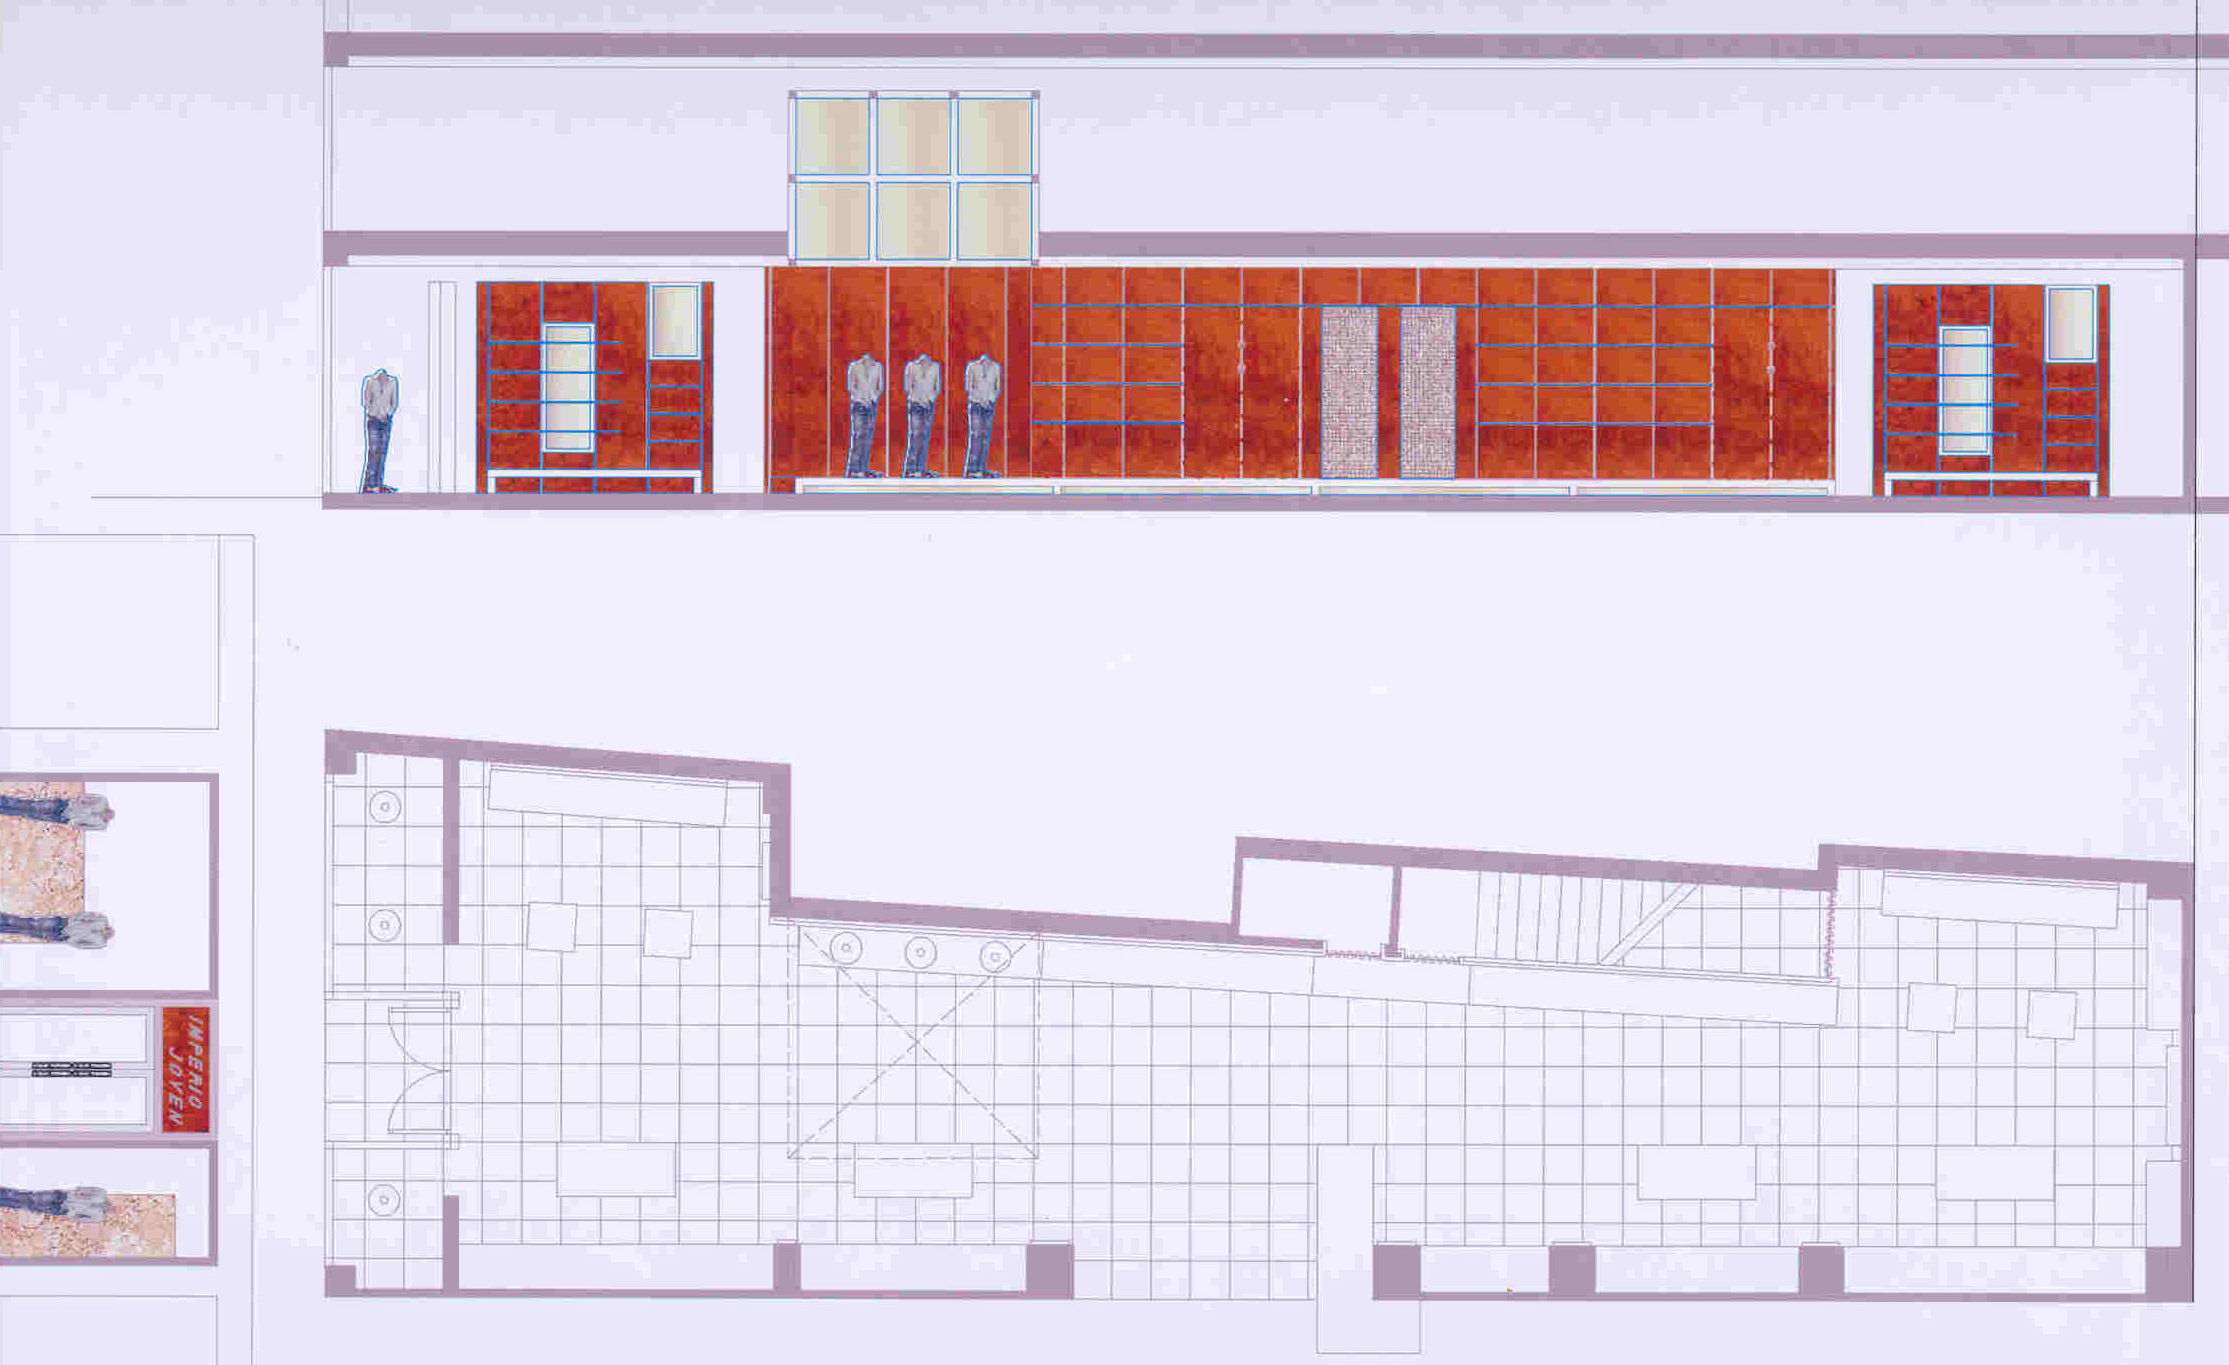 Proyecto de Diseño de Interiores para tienda de ropa